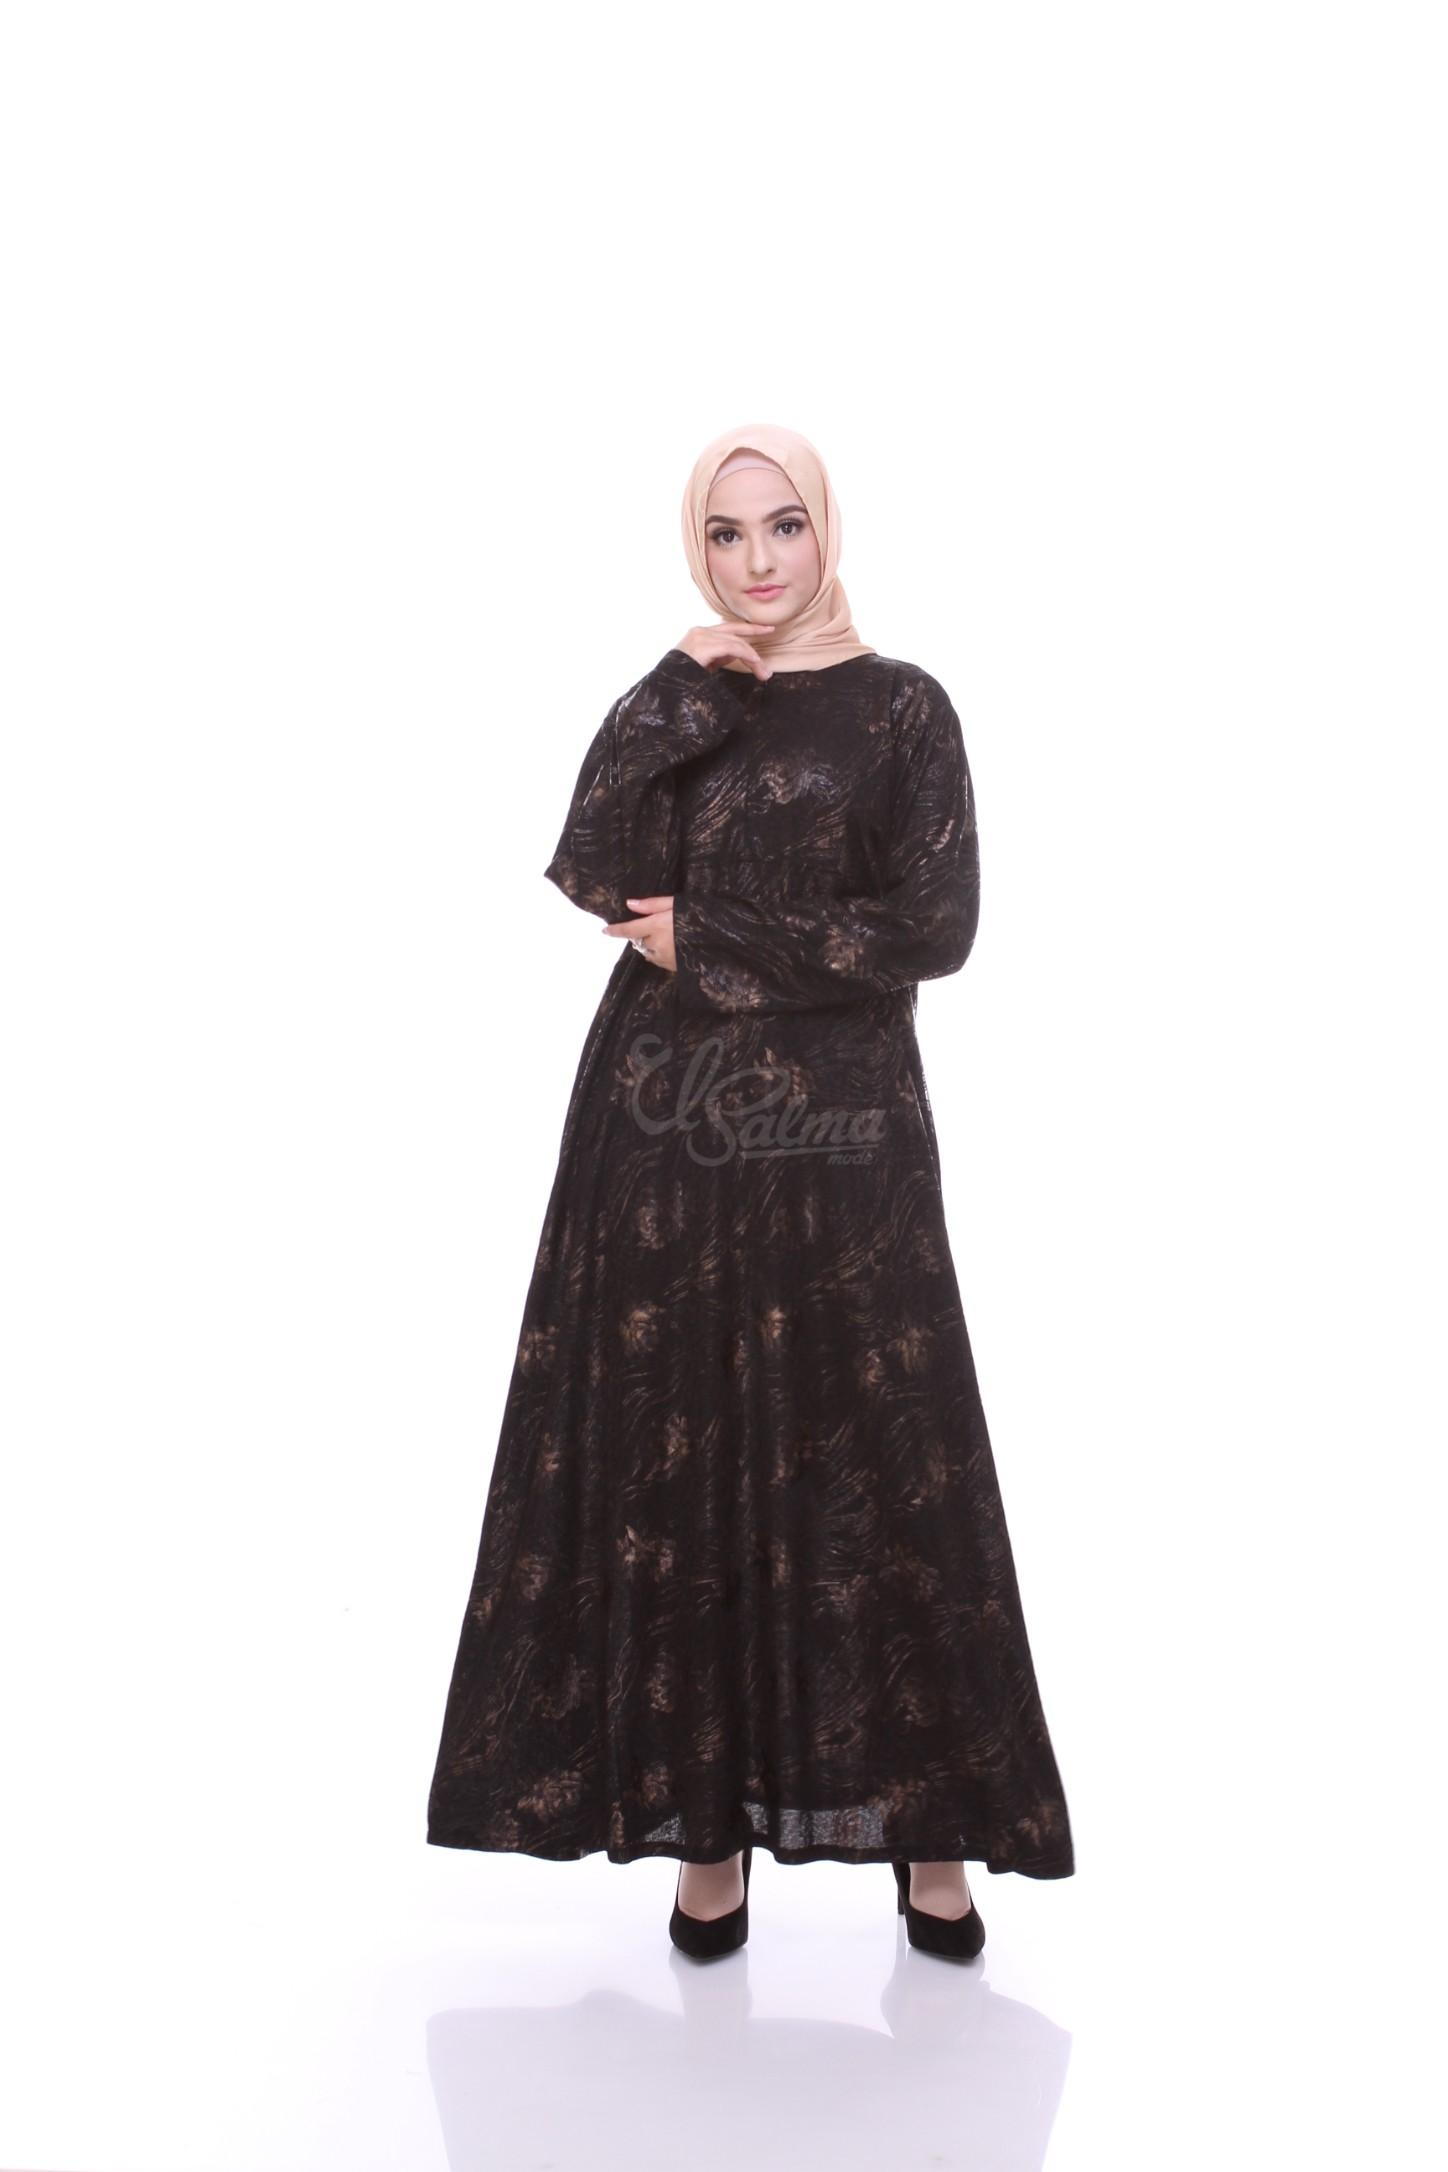 Baju Gamis Long Dress Hitam  Bahan Sparkel Jaguar Adem  Motif Flower  Emboss Emas  El-Salma Mode